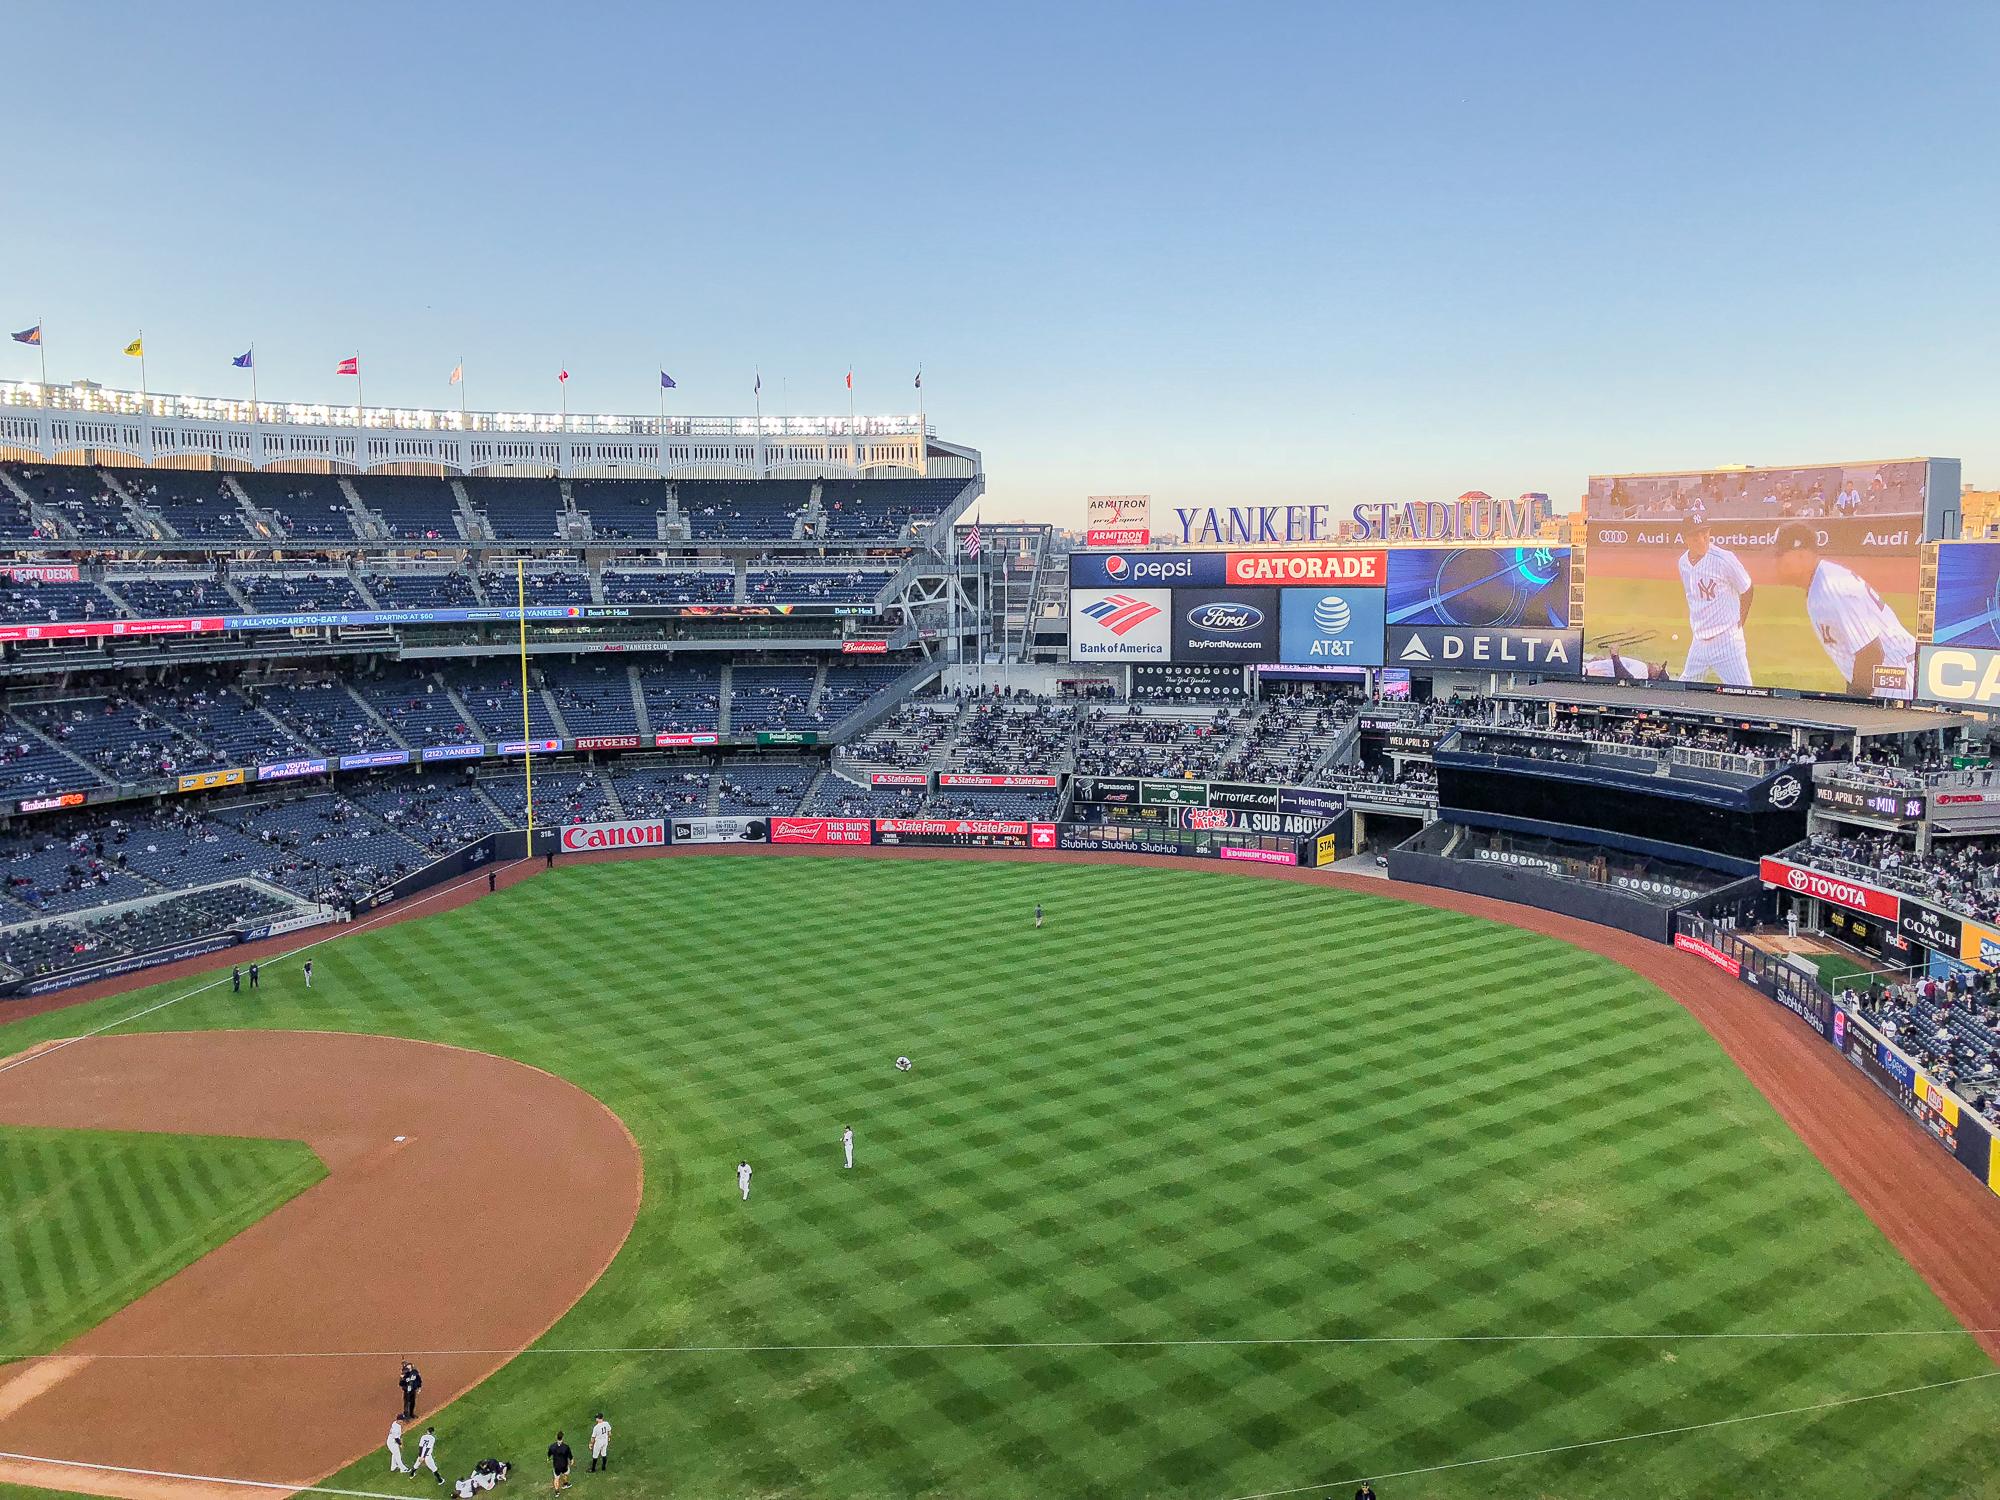 Foto do estádio dos Yankees em Nova York, onde acontecem os jogos de baseball